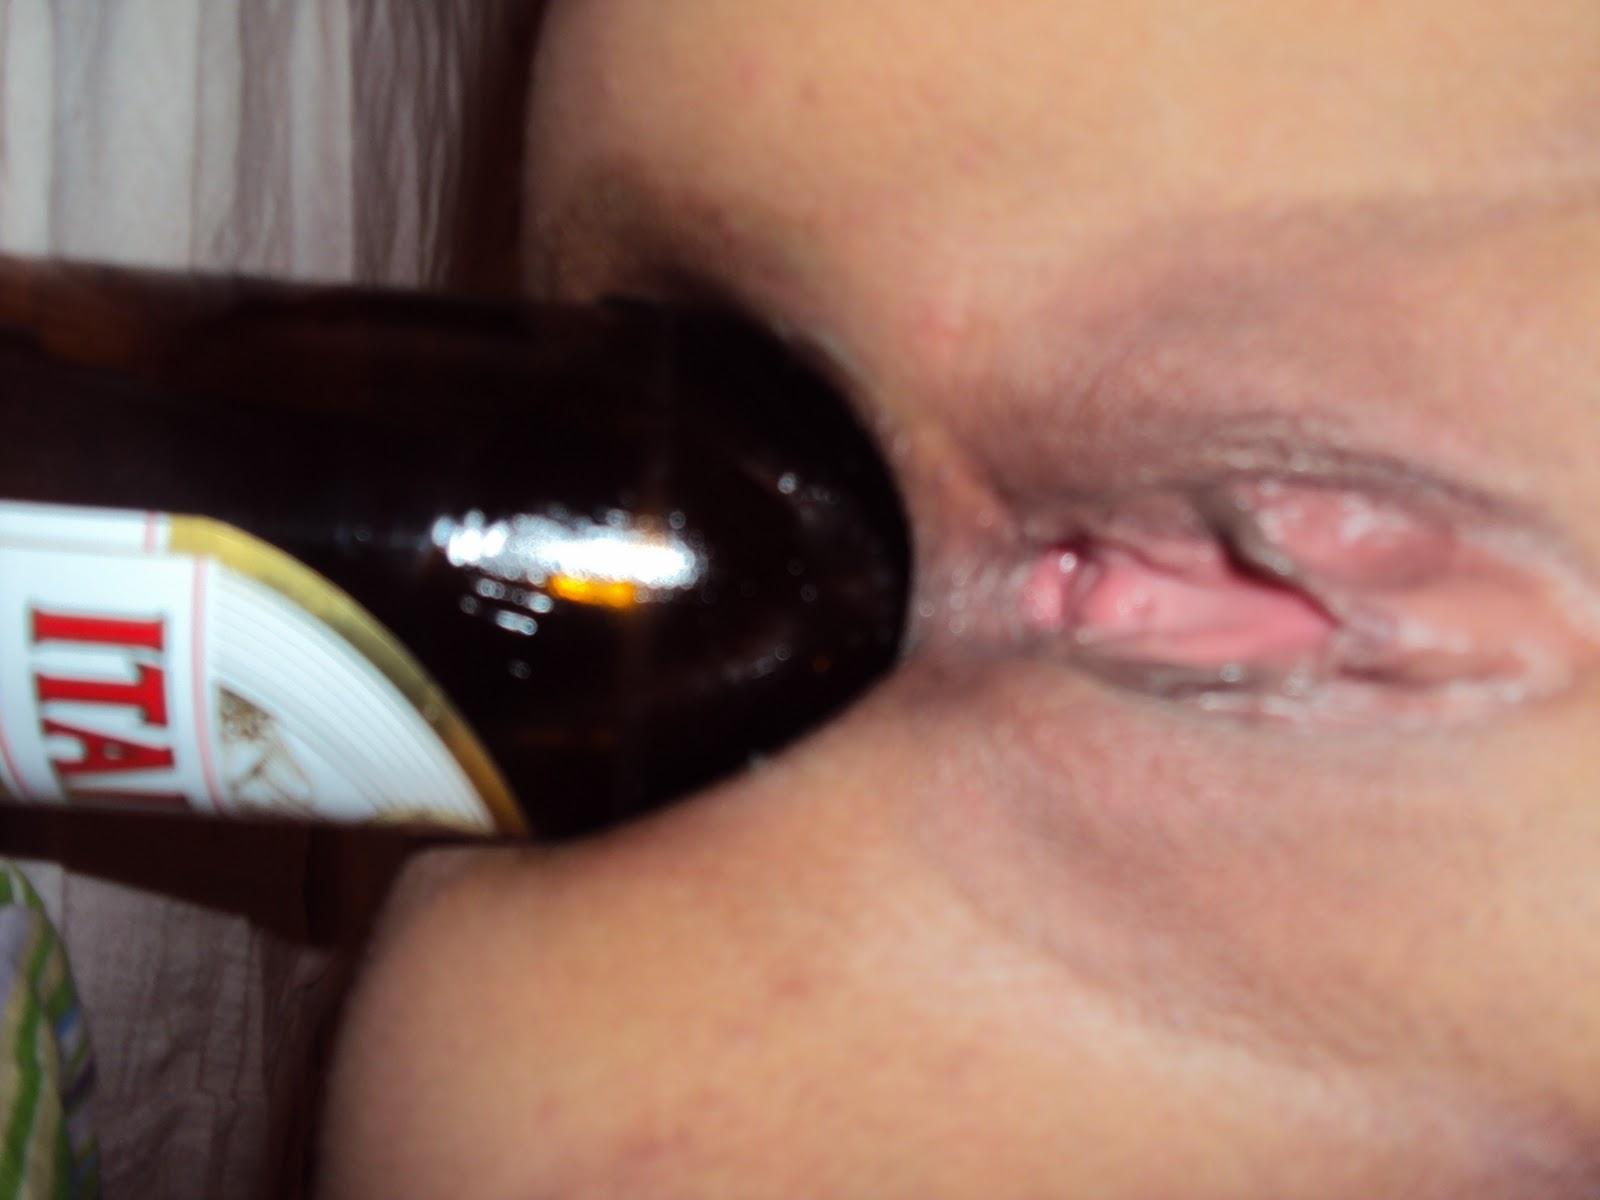 sexlog.com